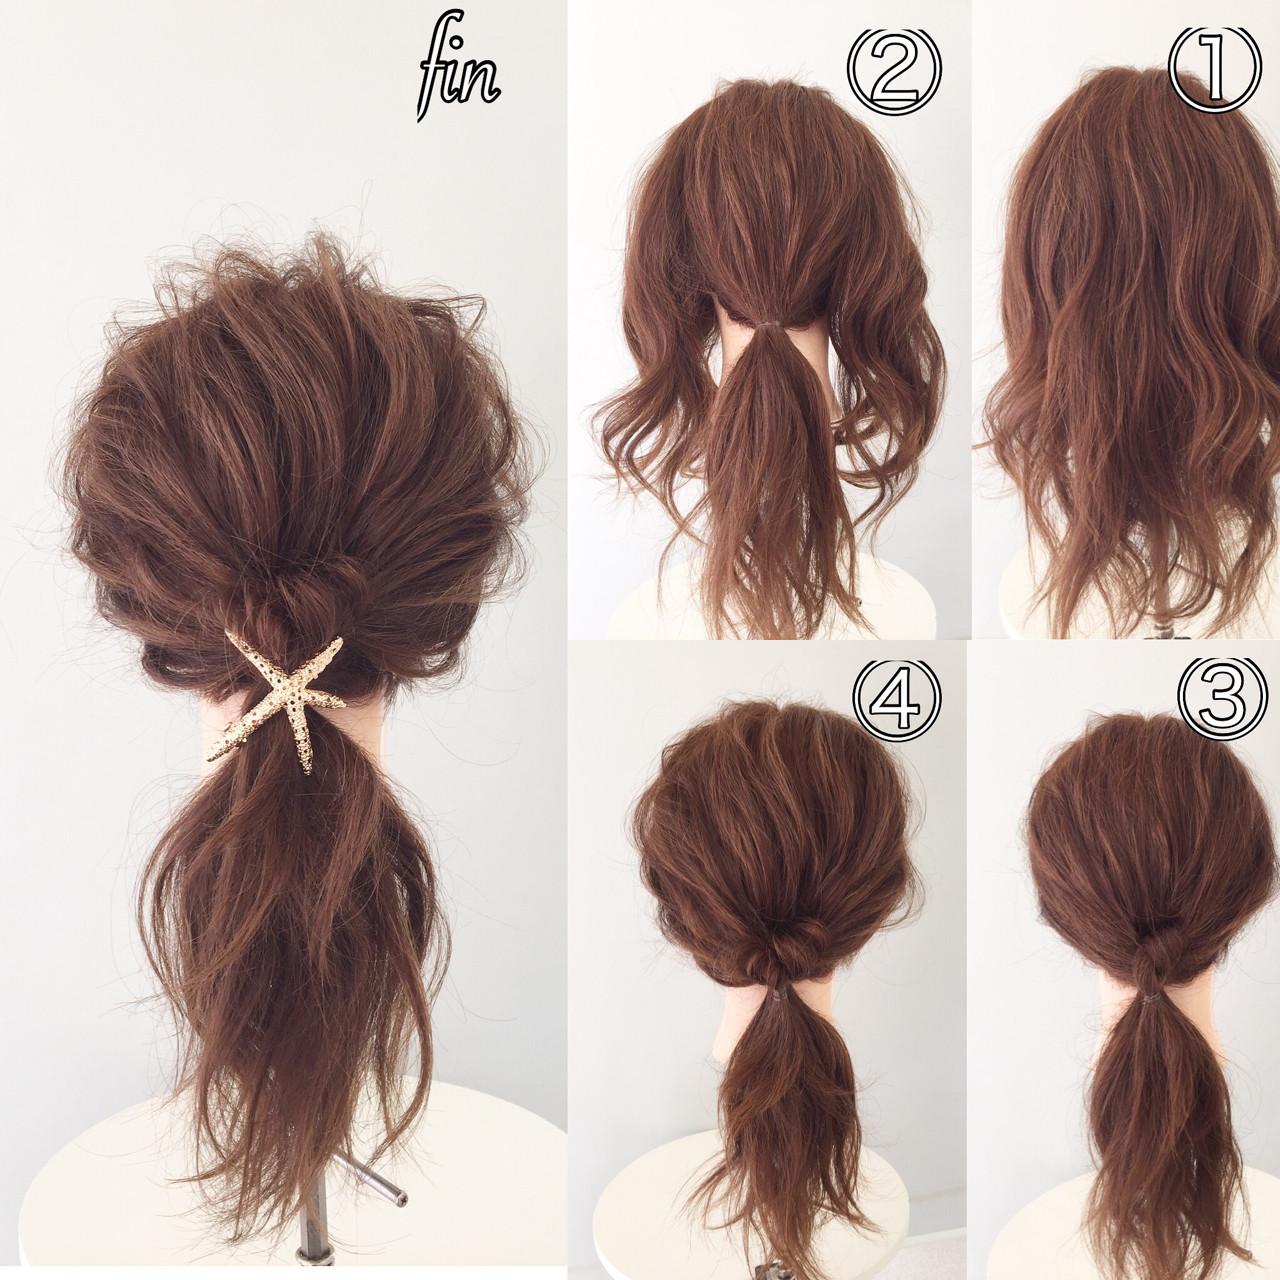 簡単ヘアアレンジ 大人女子 ヘアアレンジ ヘアアクセ ヘアスタイルや髪型の写真・画像